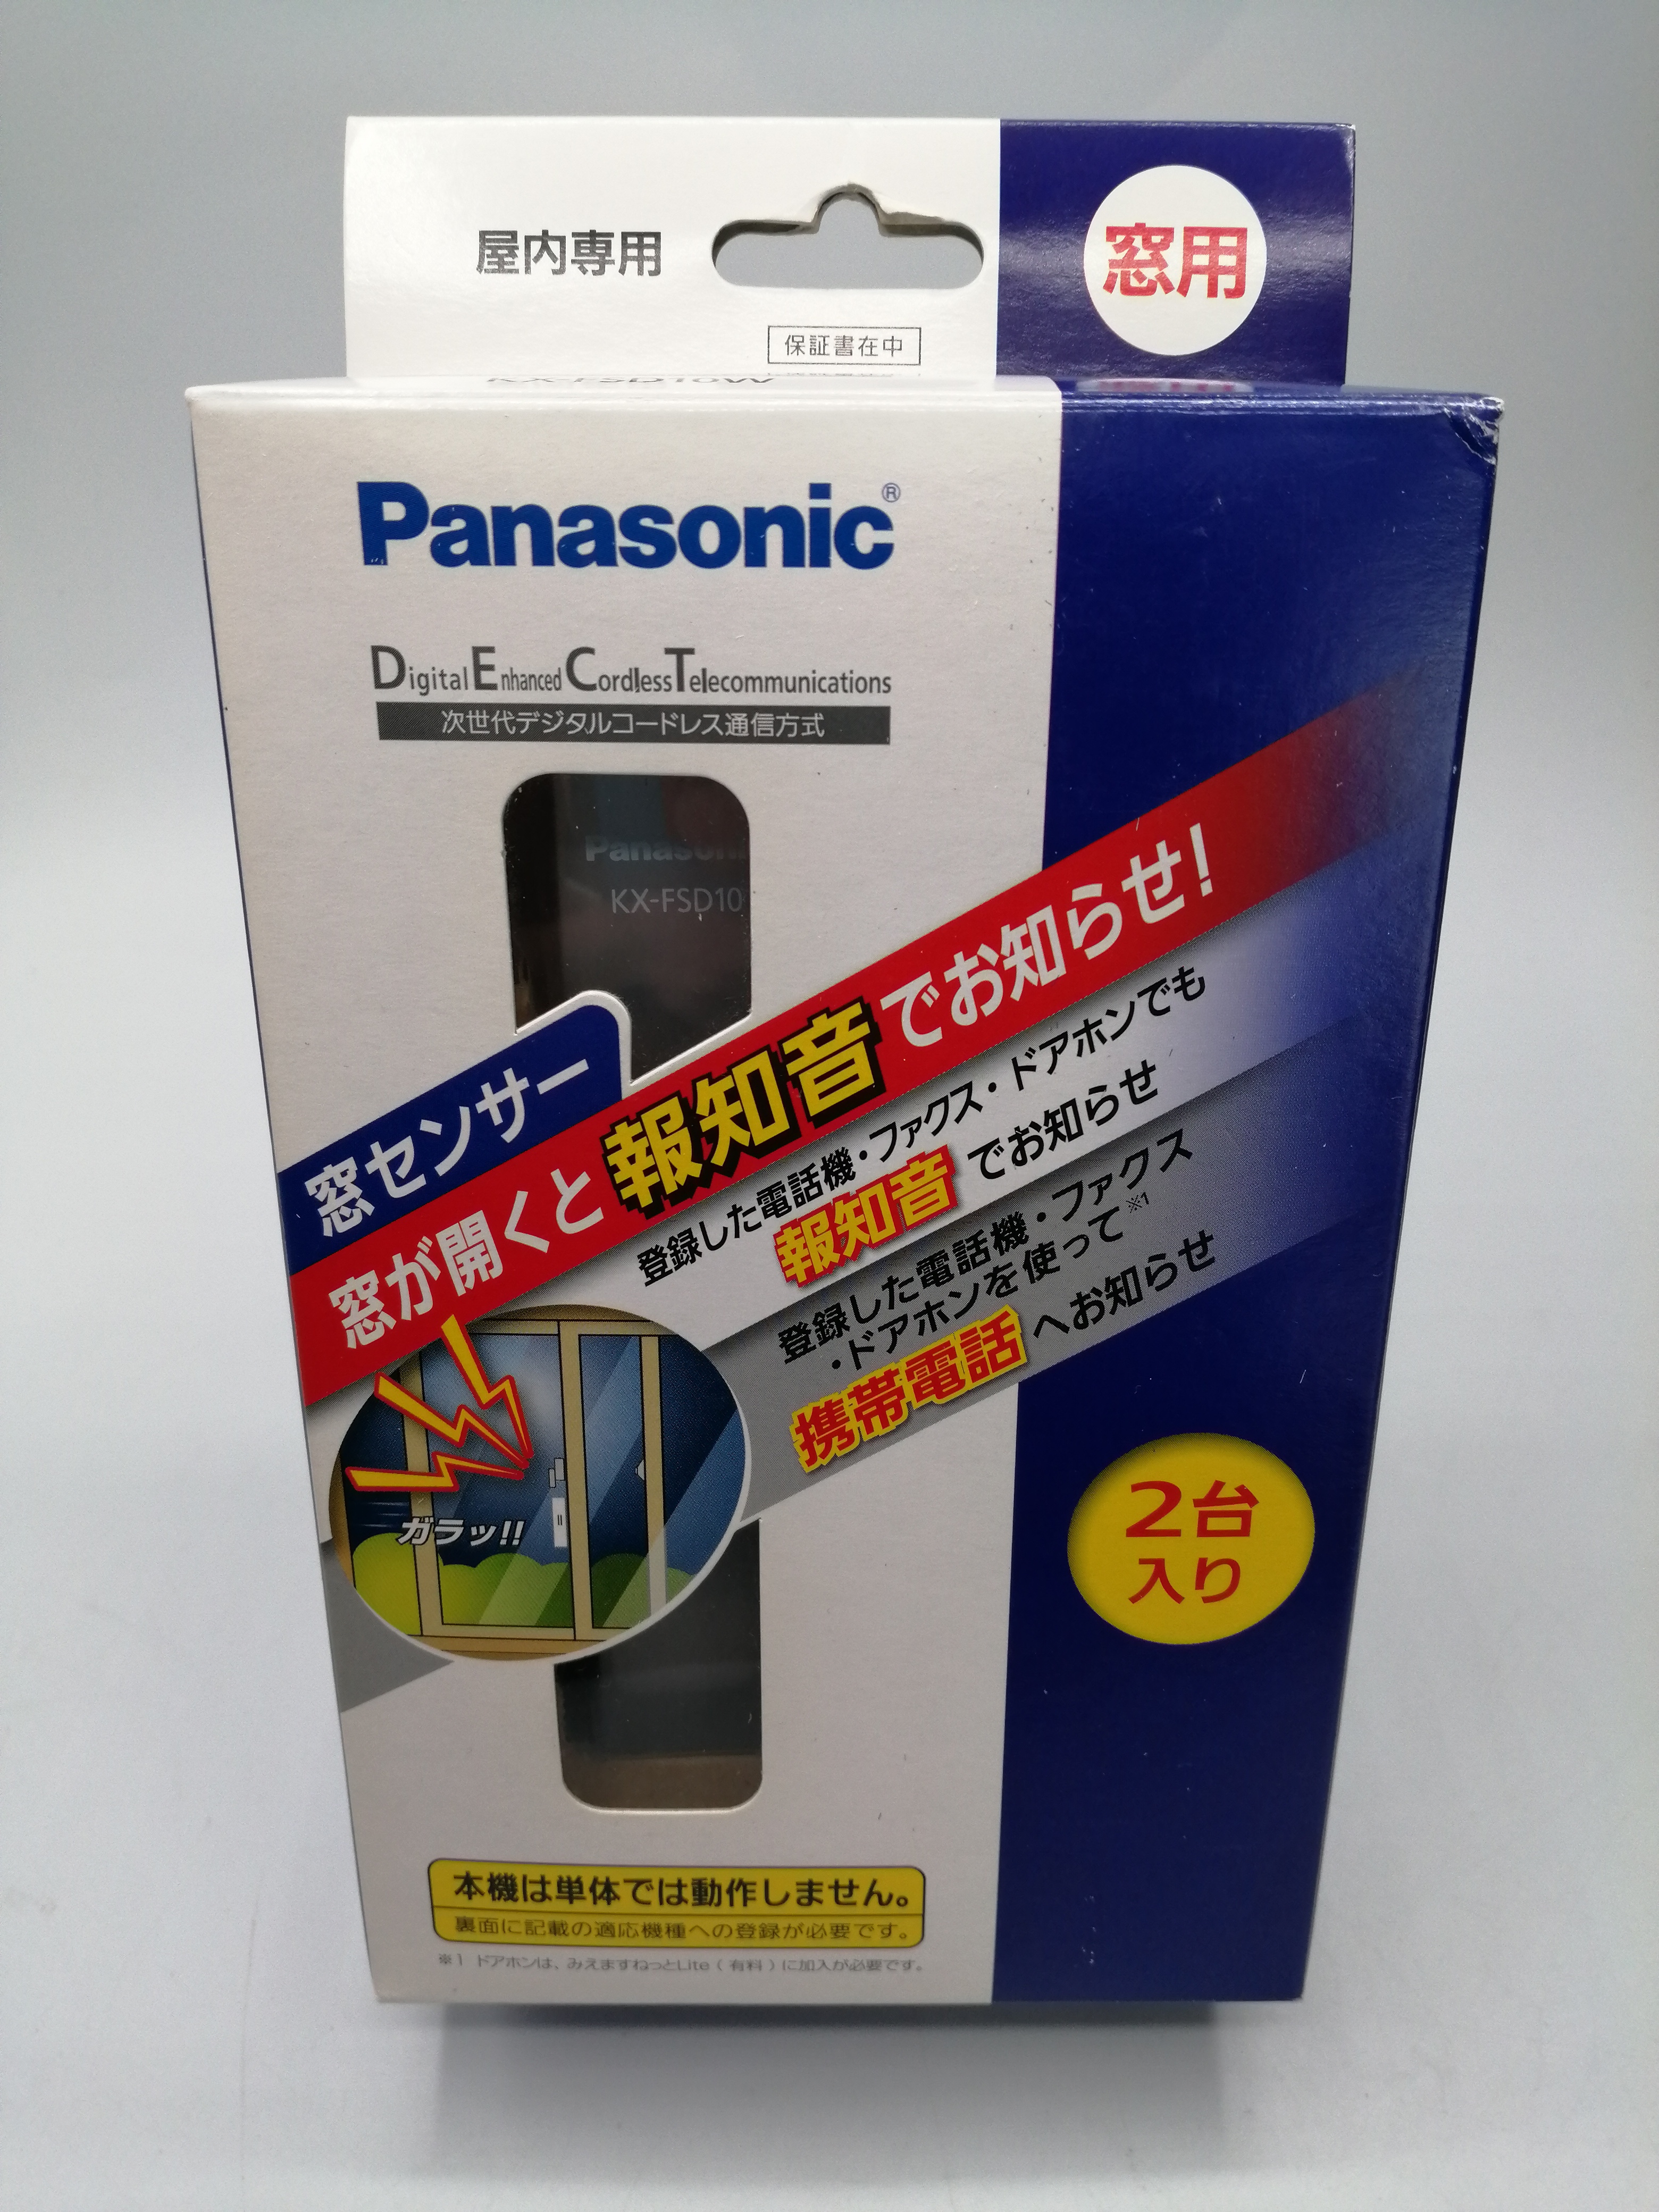 窓センサー PANASONIC